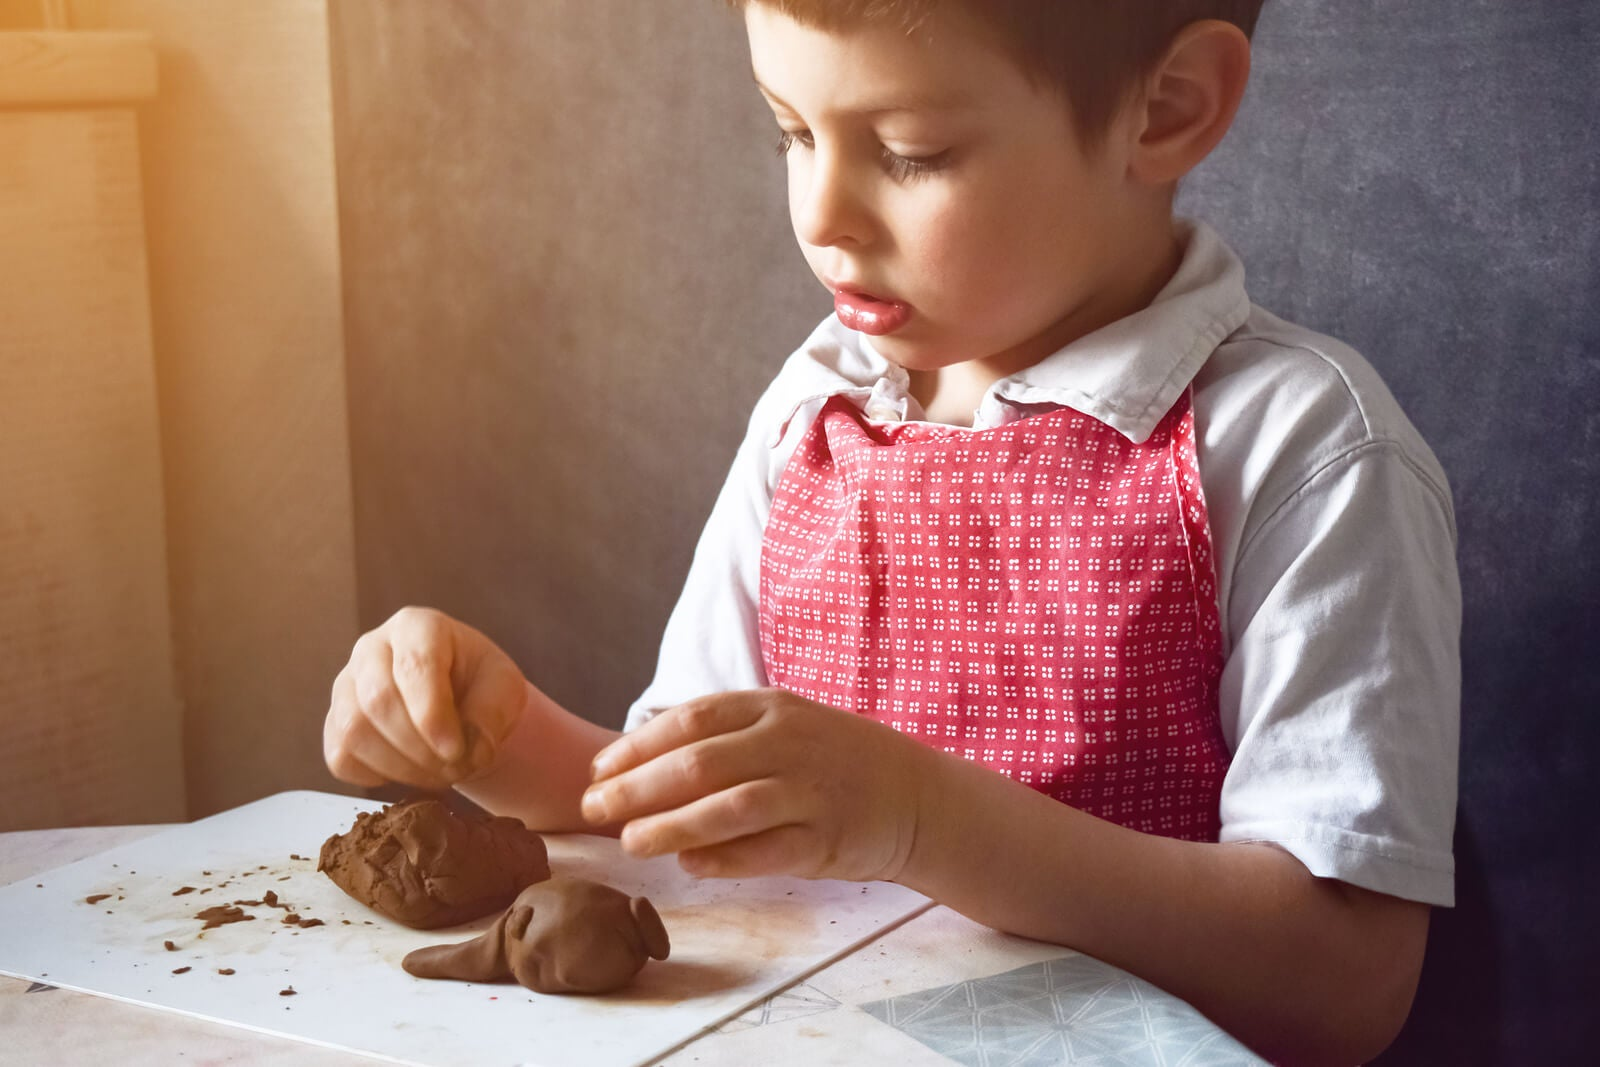 Niño haciendo figuras con arcilla en casa.